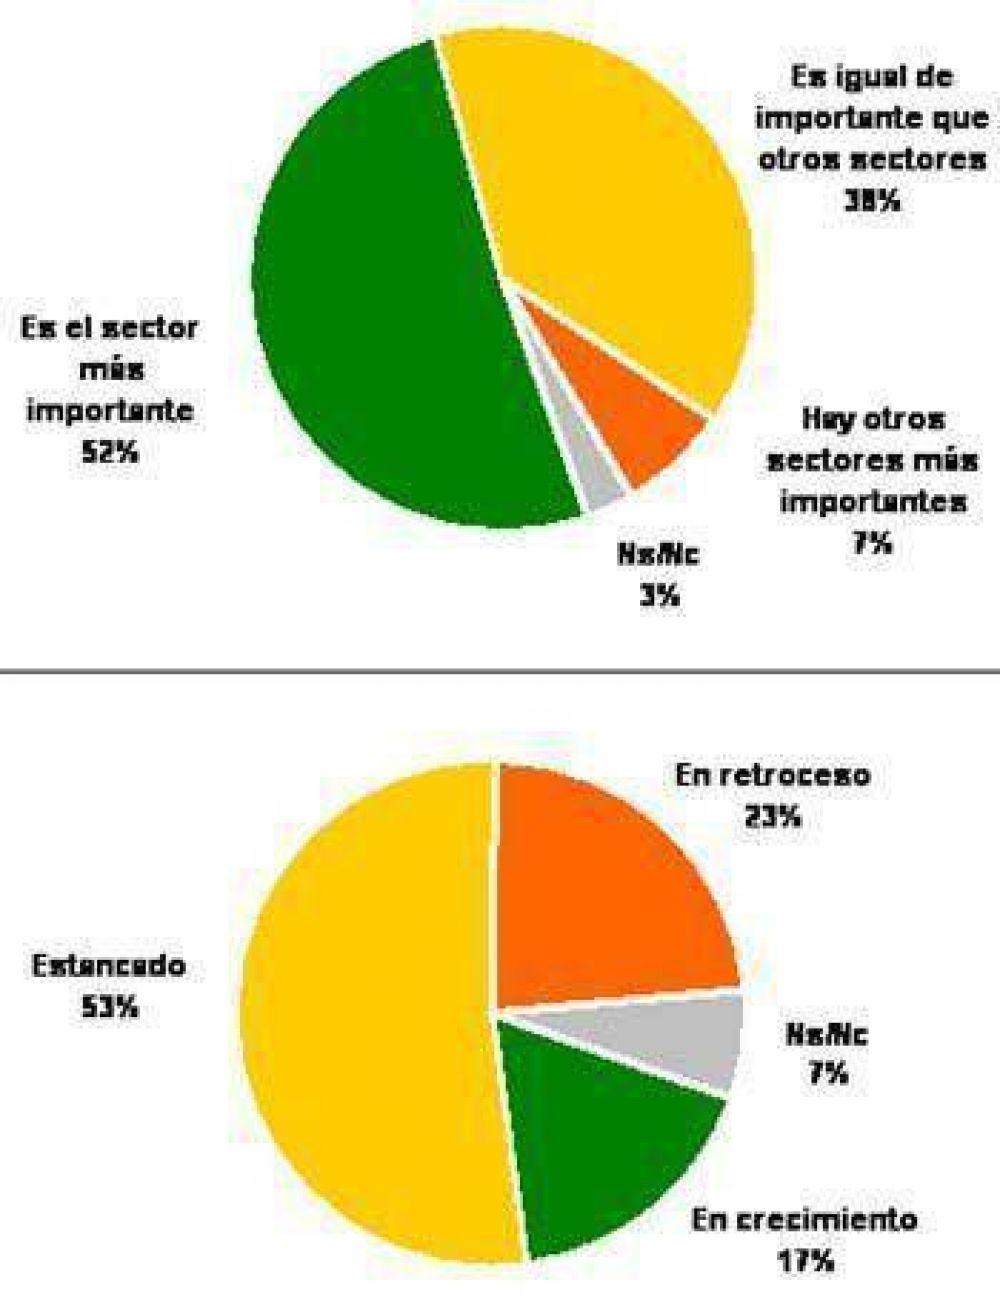 Un estudio revela que para los argentinos el Campo es el motor de la economía, pero está estancado